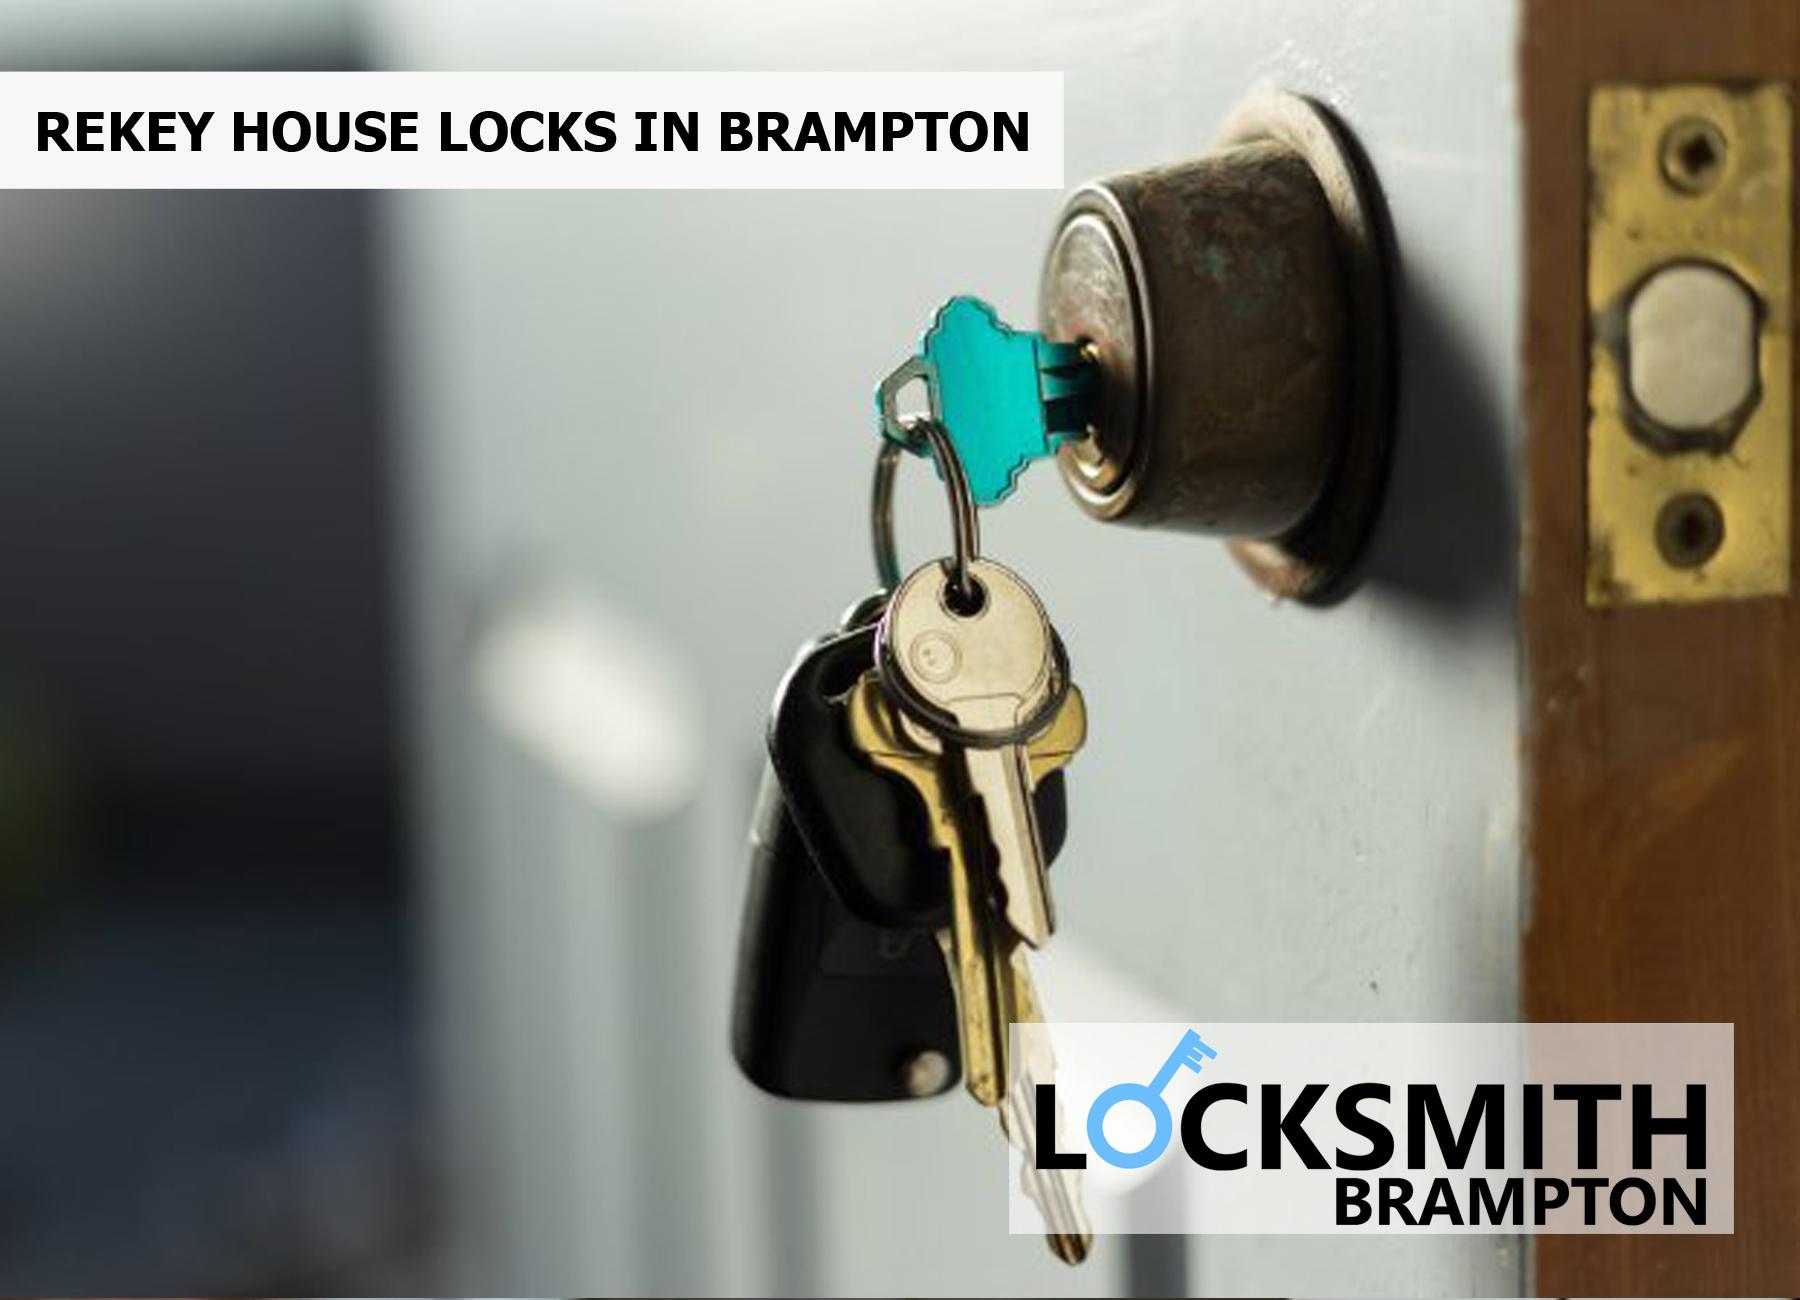 REKEY HOUSE LOCKS IN BRAMPTON